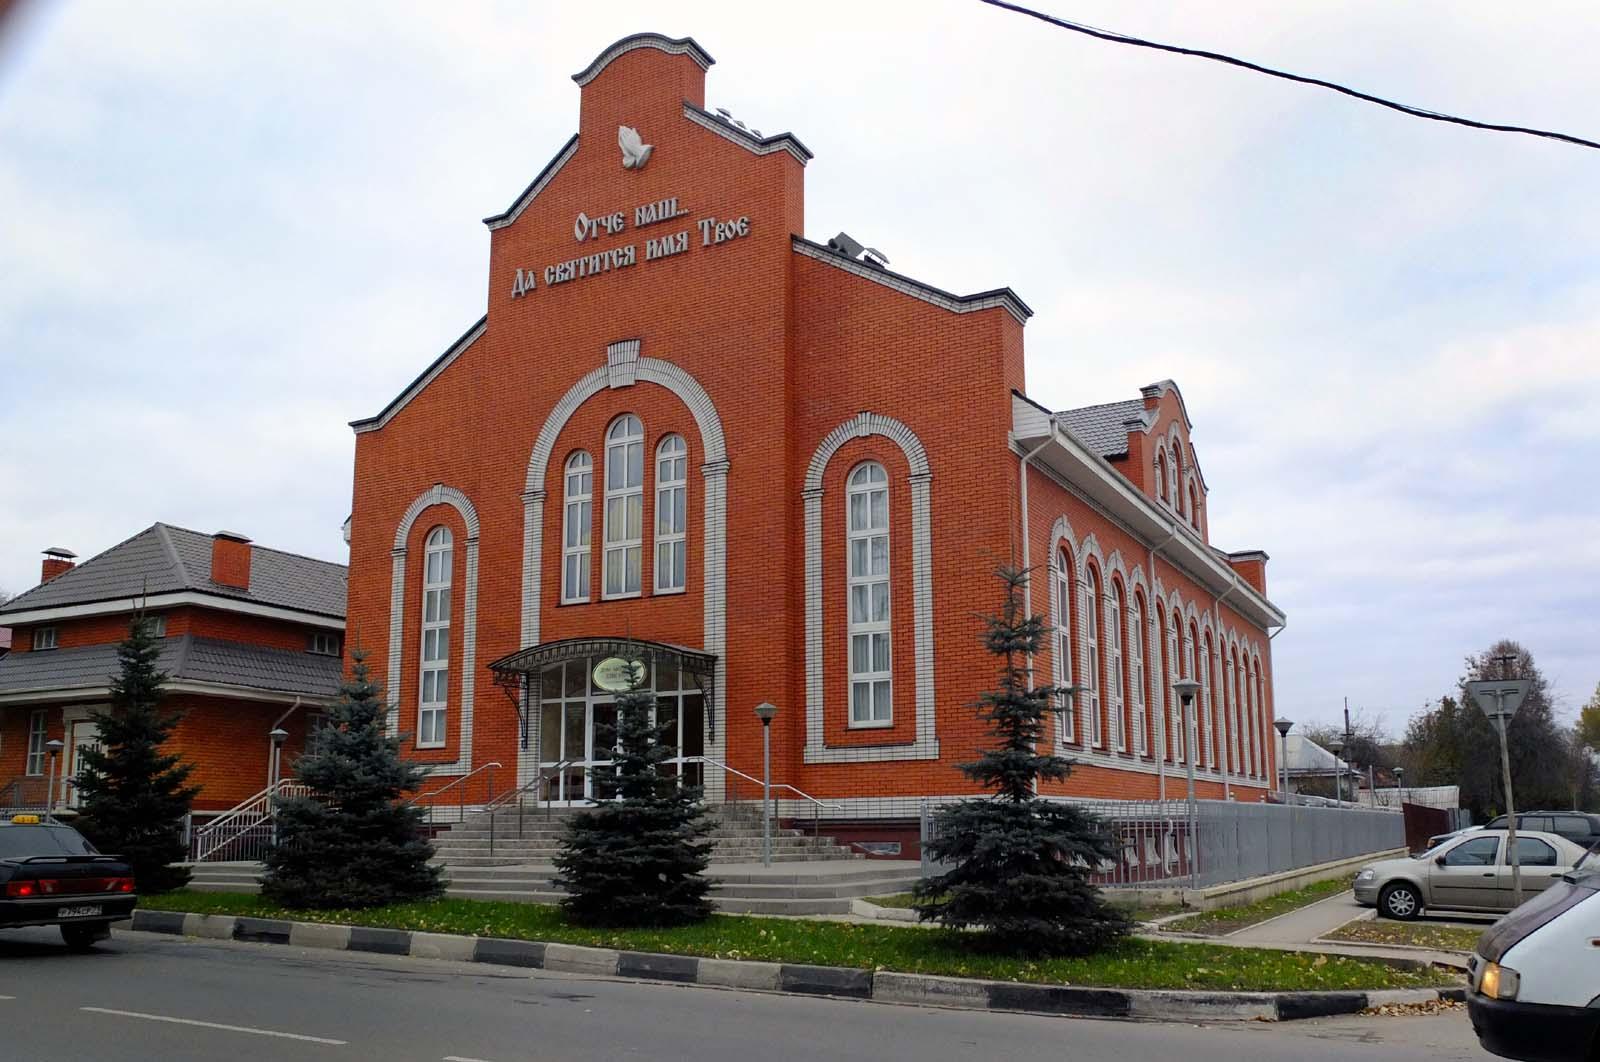 Первый всеукраинский съезд хев состоялся в одессе 21-23 сентября 1926 г на него прибыли не только делегации из